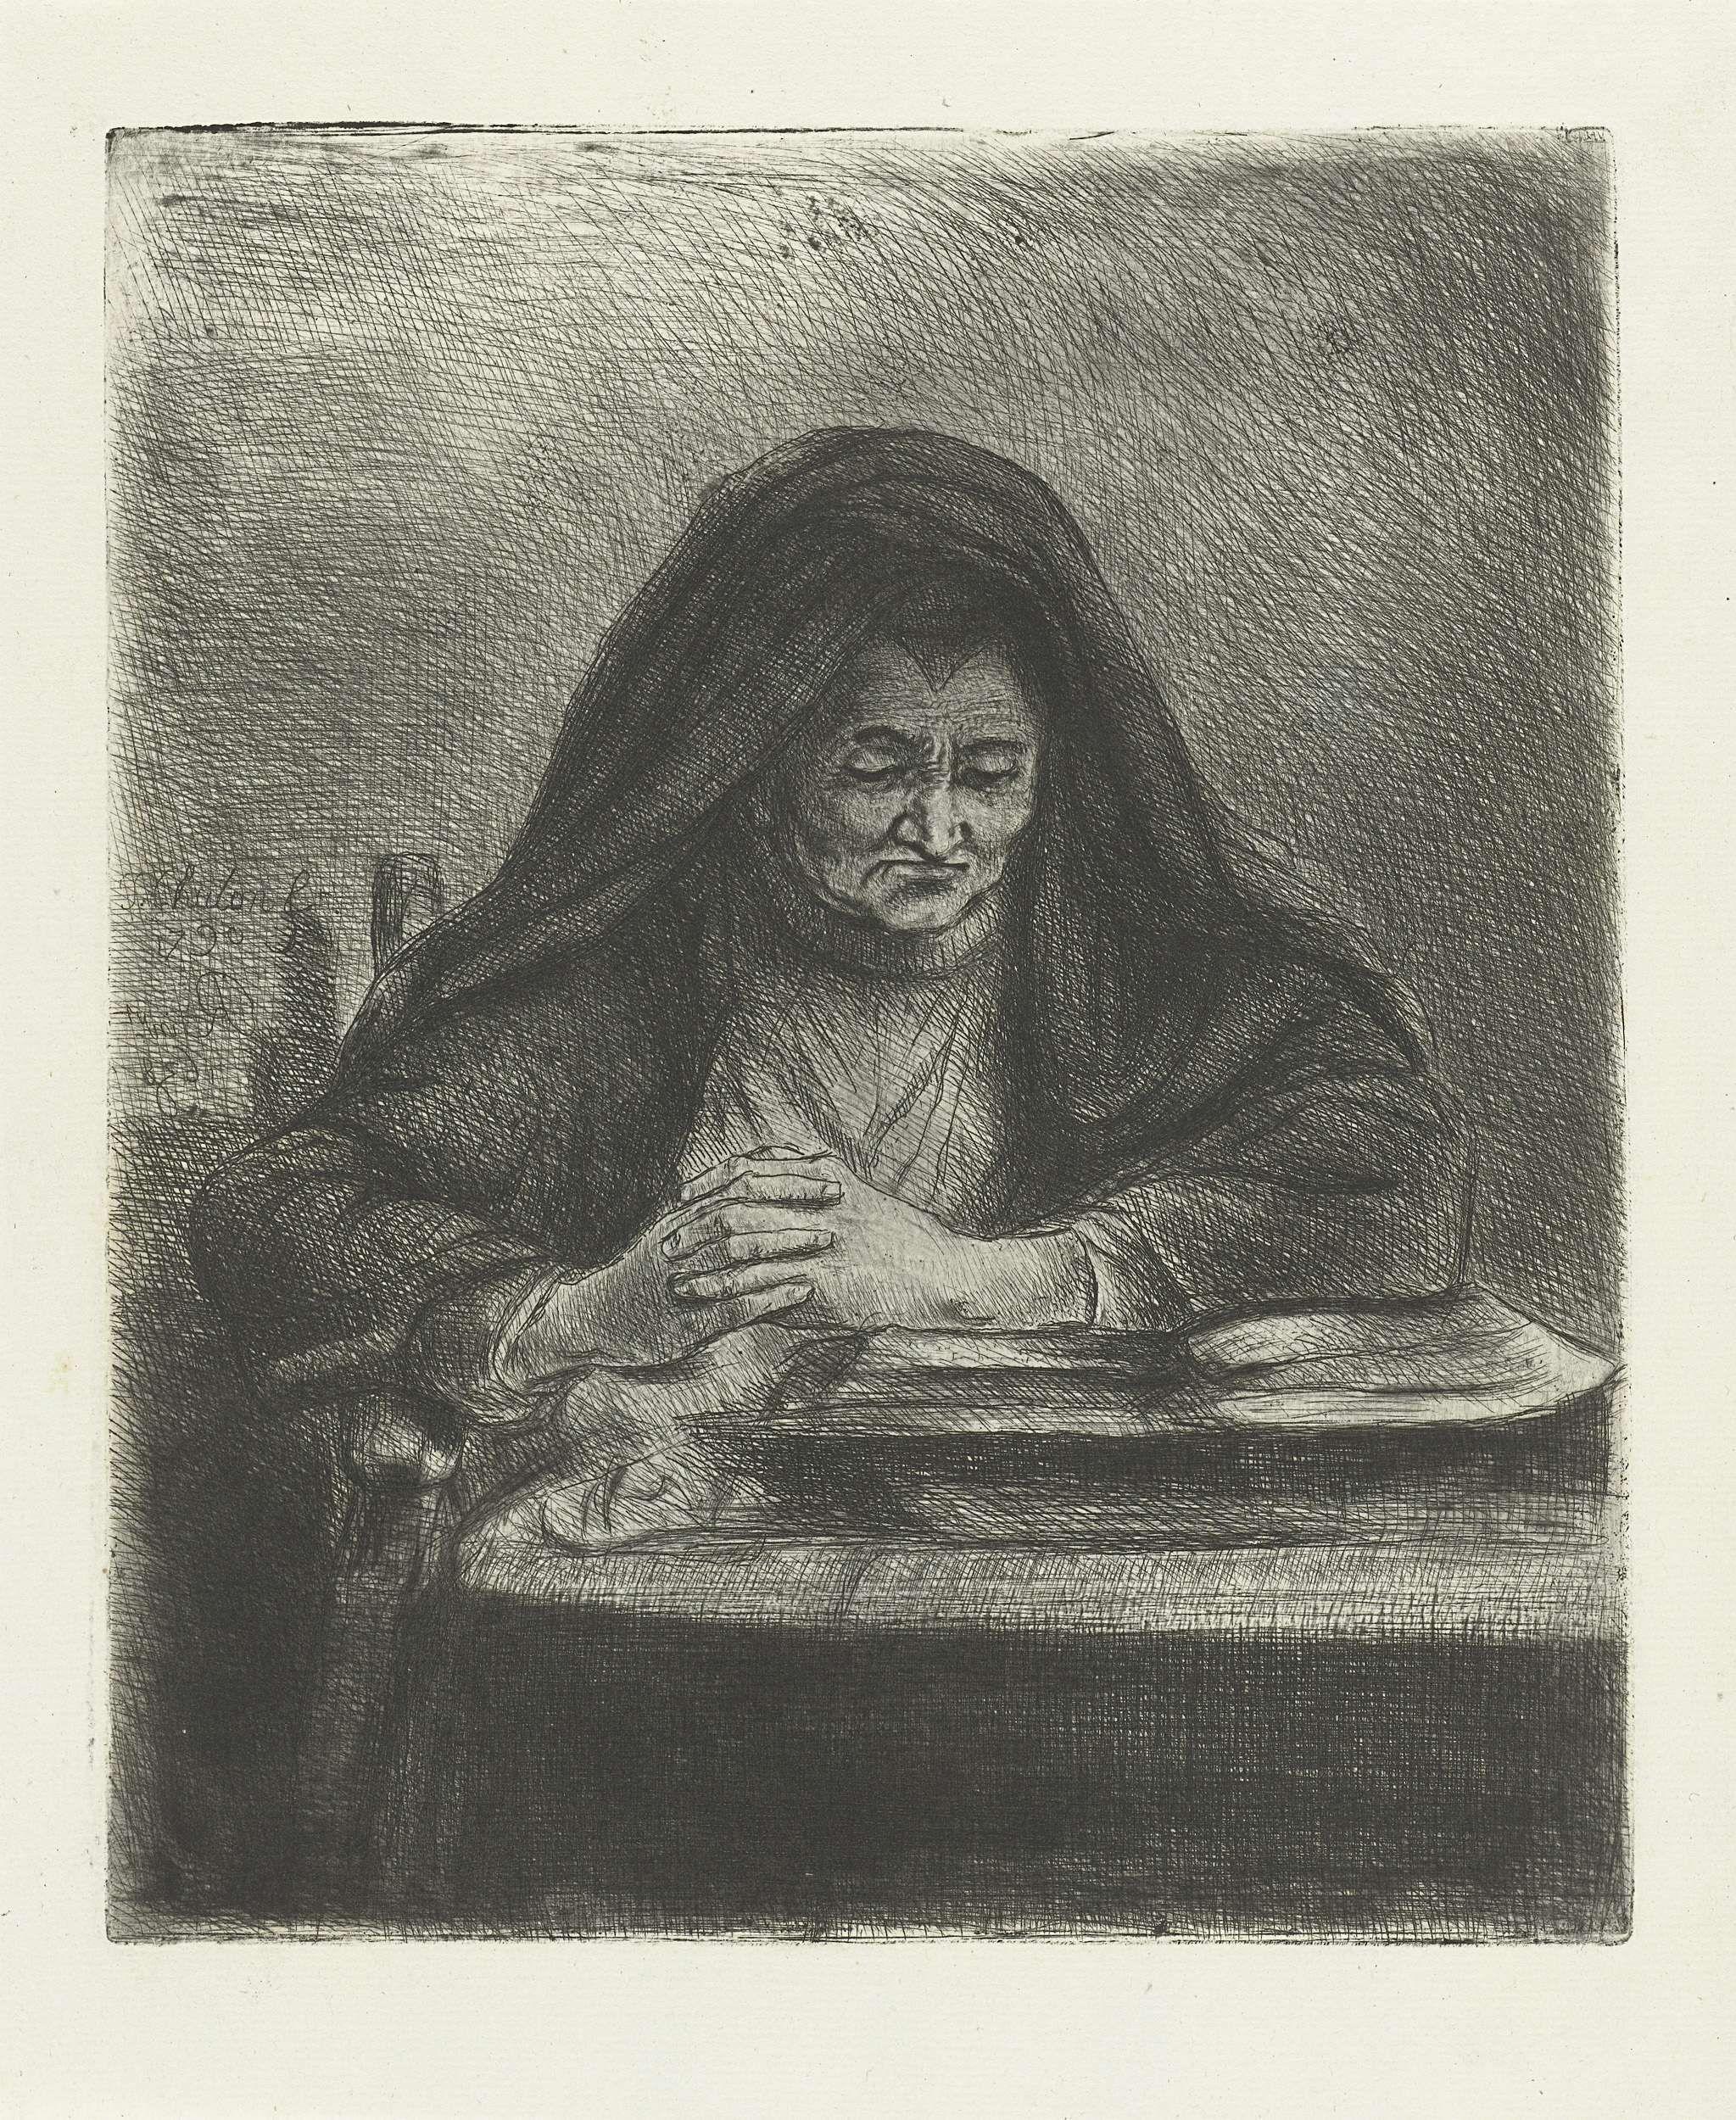 Jan Chalon | Lezende vrouw, Jan Chalon, 1790 | Een oude vrouw. Ze zit op een stoel voor een bureau en leest uit een boek. Ze draagt een zwarte sluier.